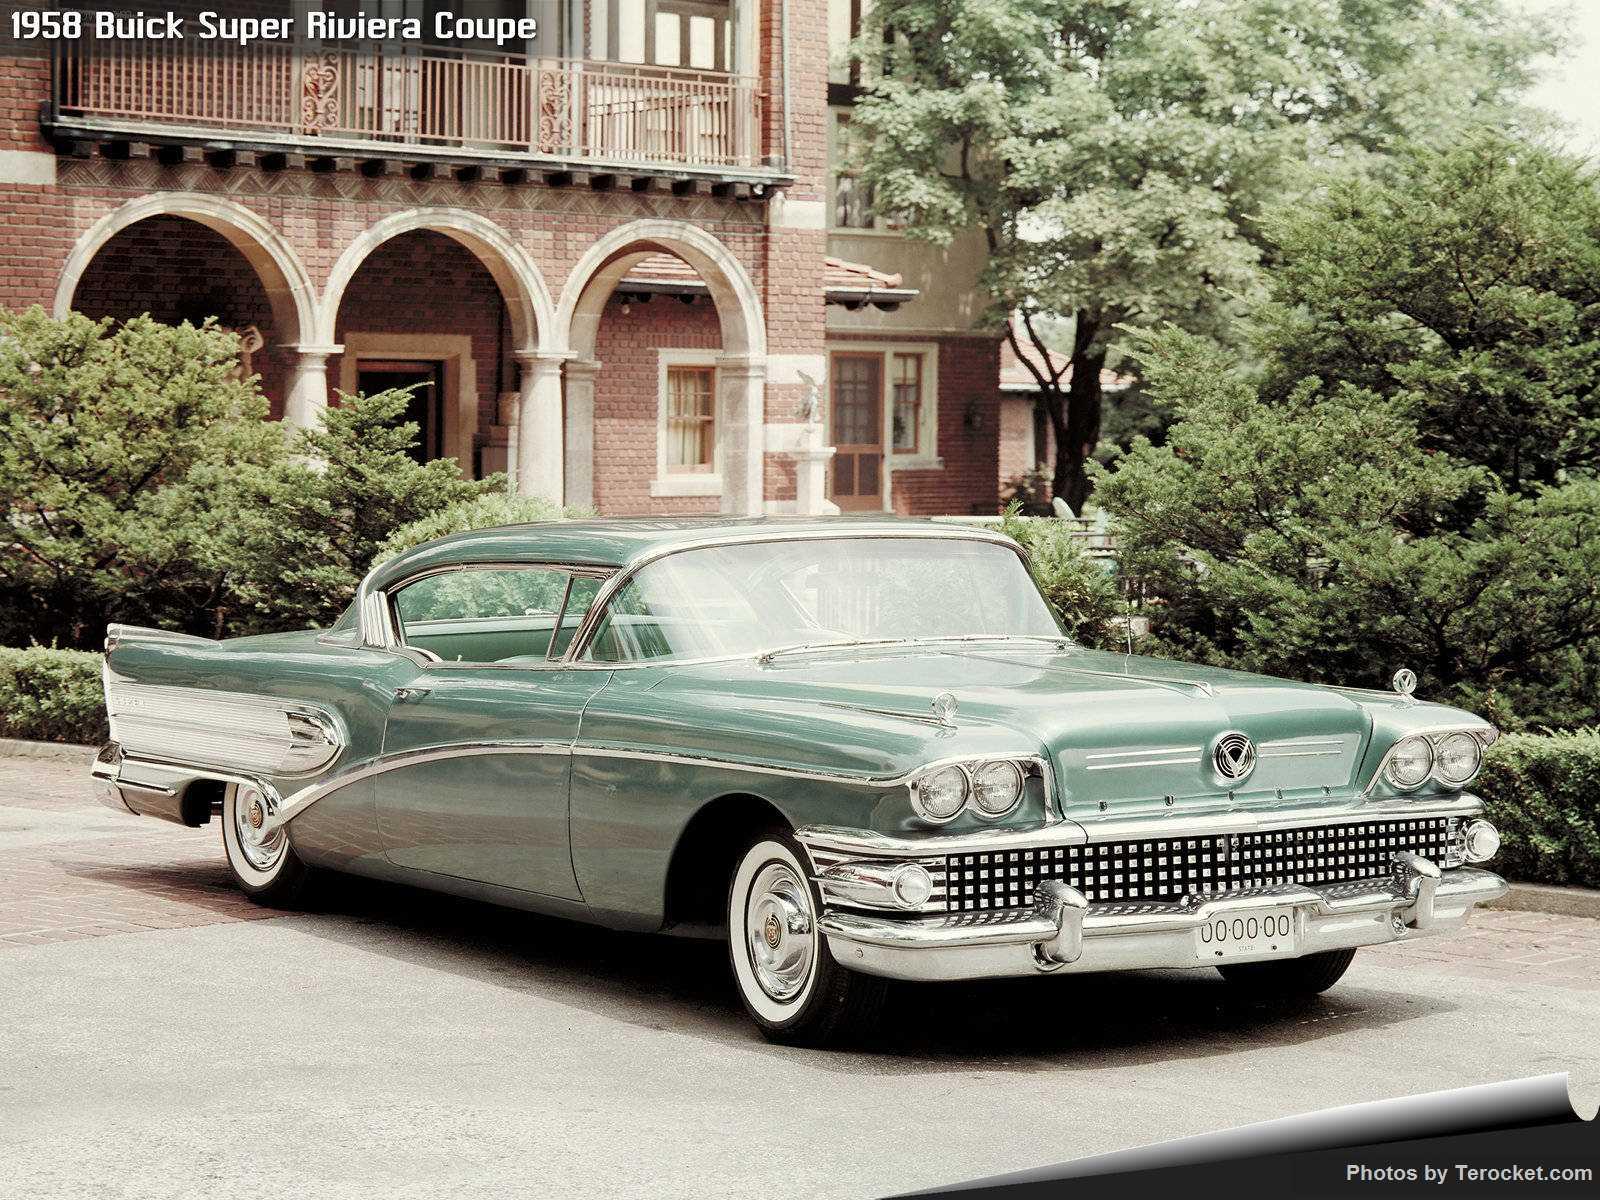 Hình ảnh xe ô tô Buick Super Riviera Coupe 1958 & nội ngoại thất